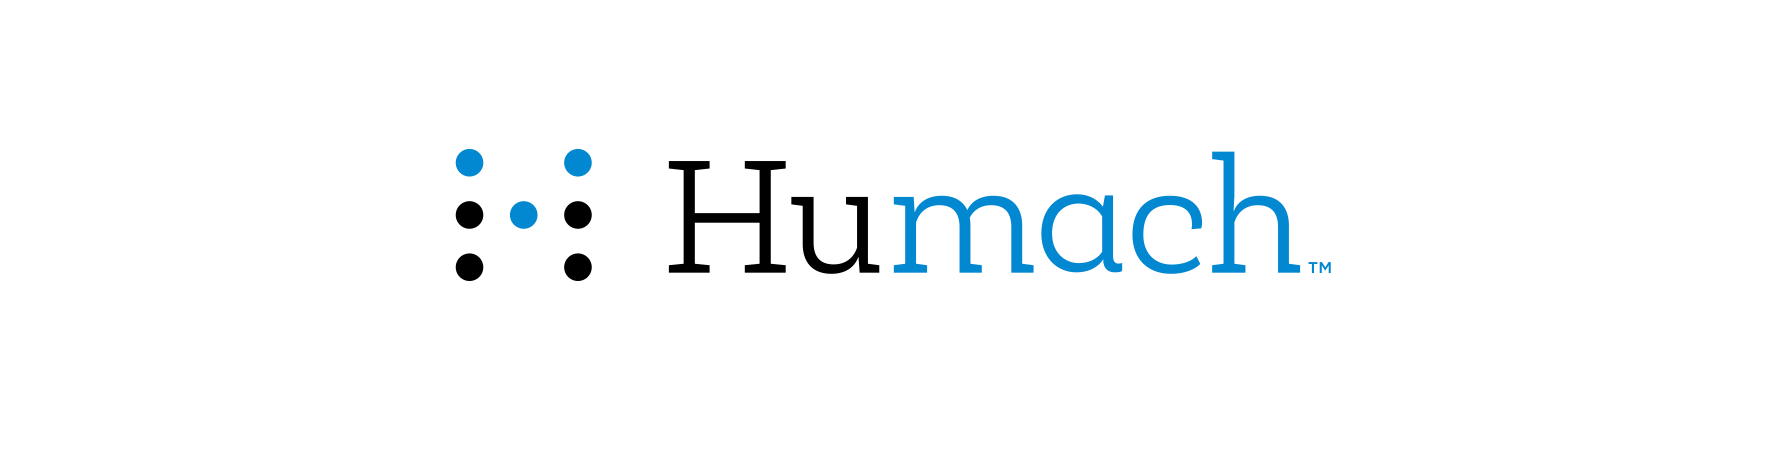 Humach-logo-crop